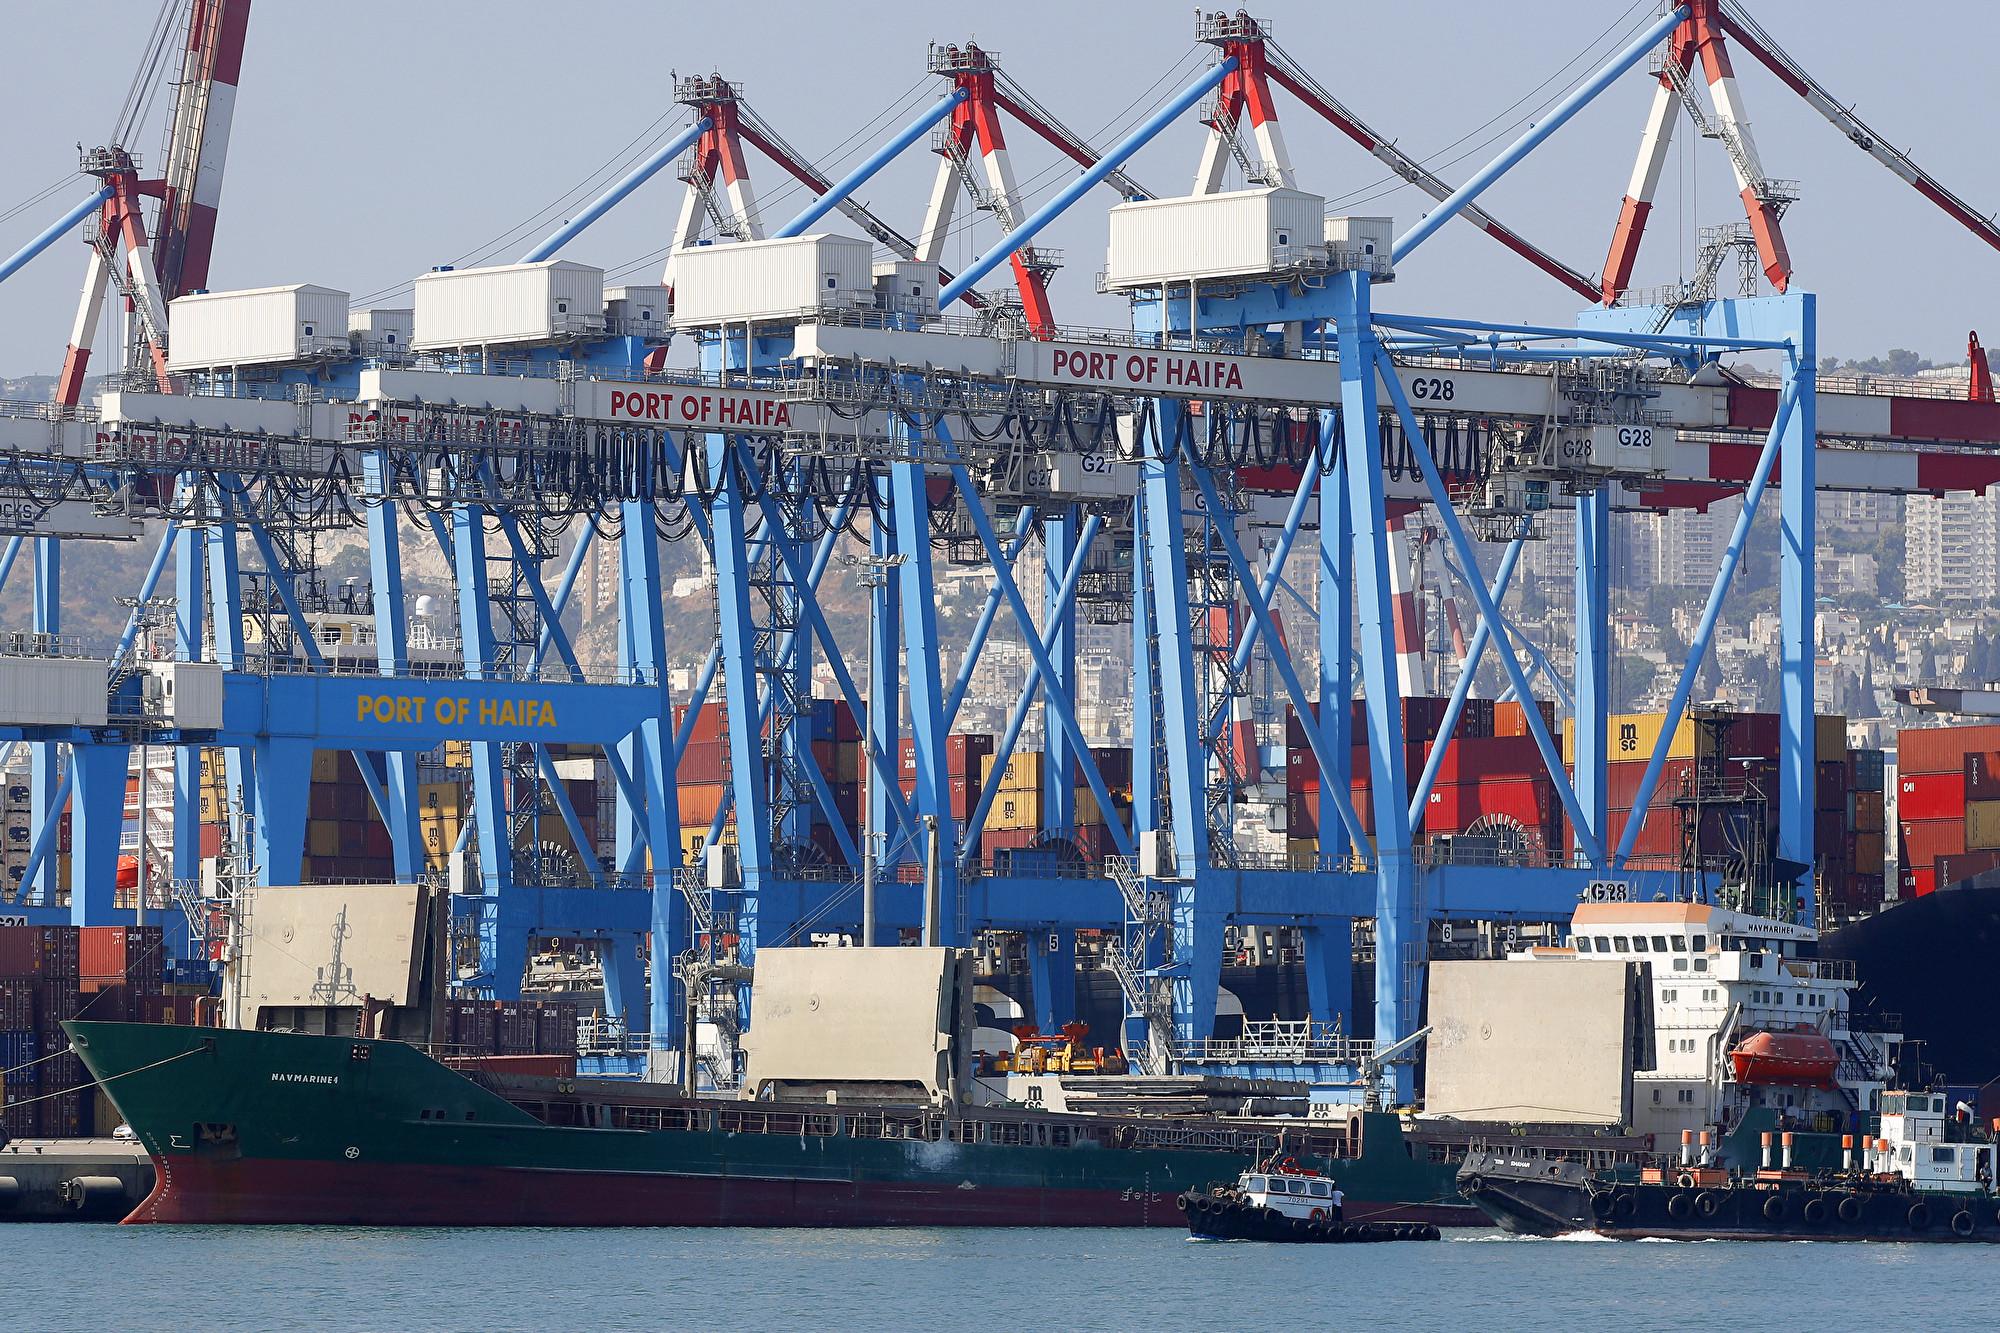 根據一份2015年的協議,上海國際港務集團(SIPG)將在2021年接管以色列戰略港口海法(圖)25年。(JACK GUEZ / AFP)